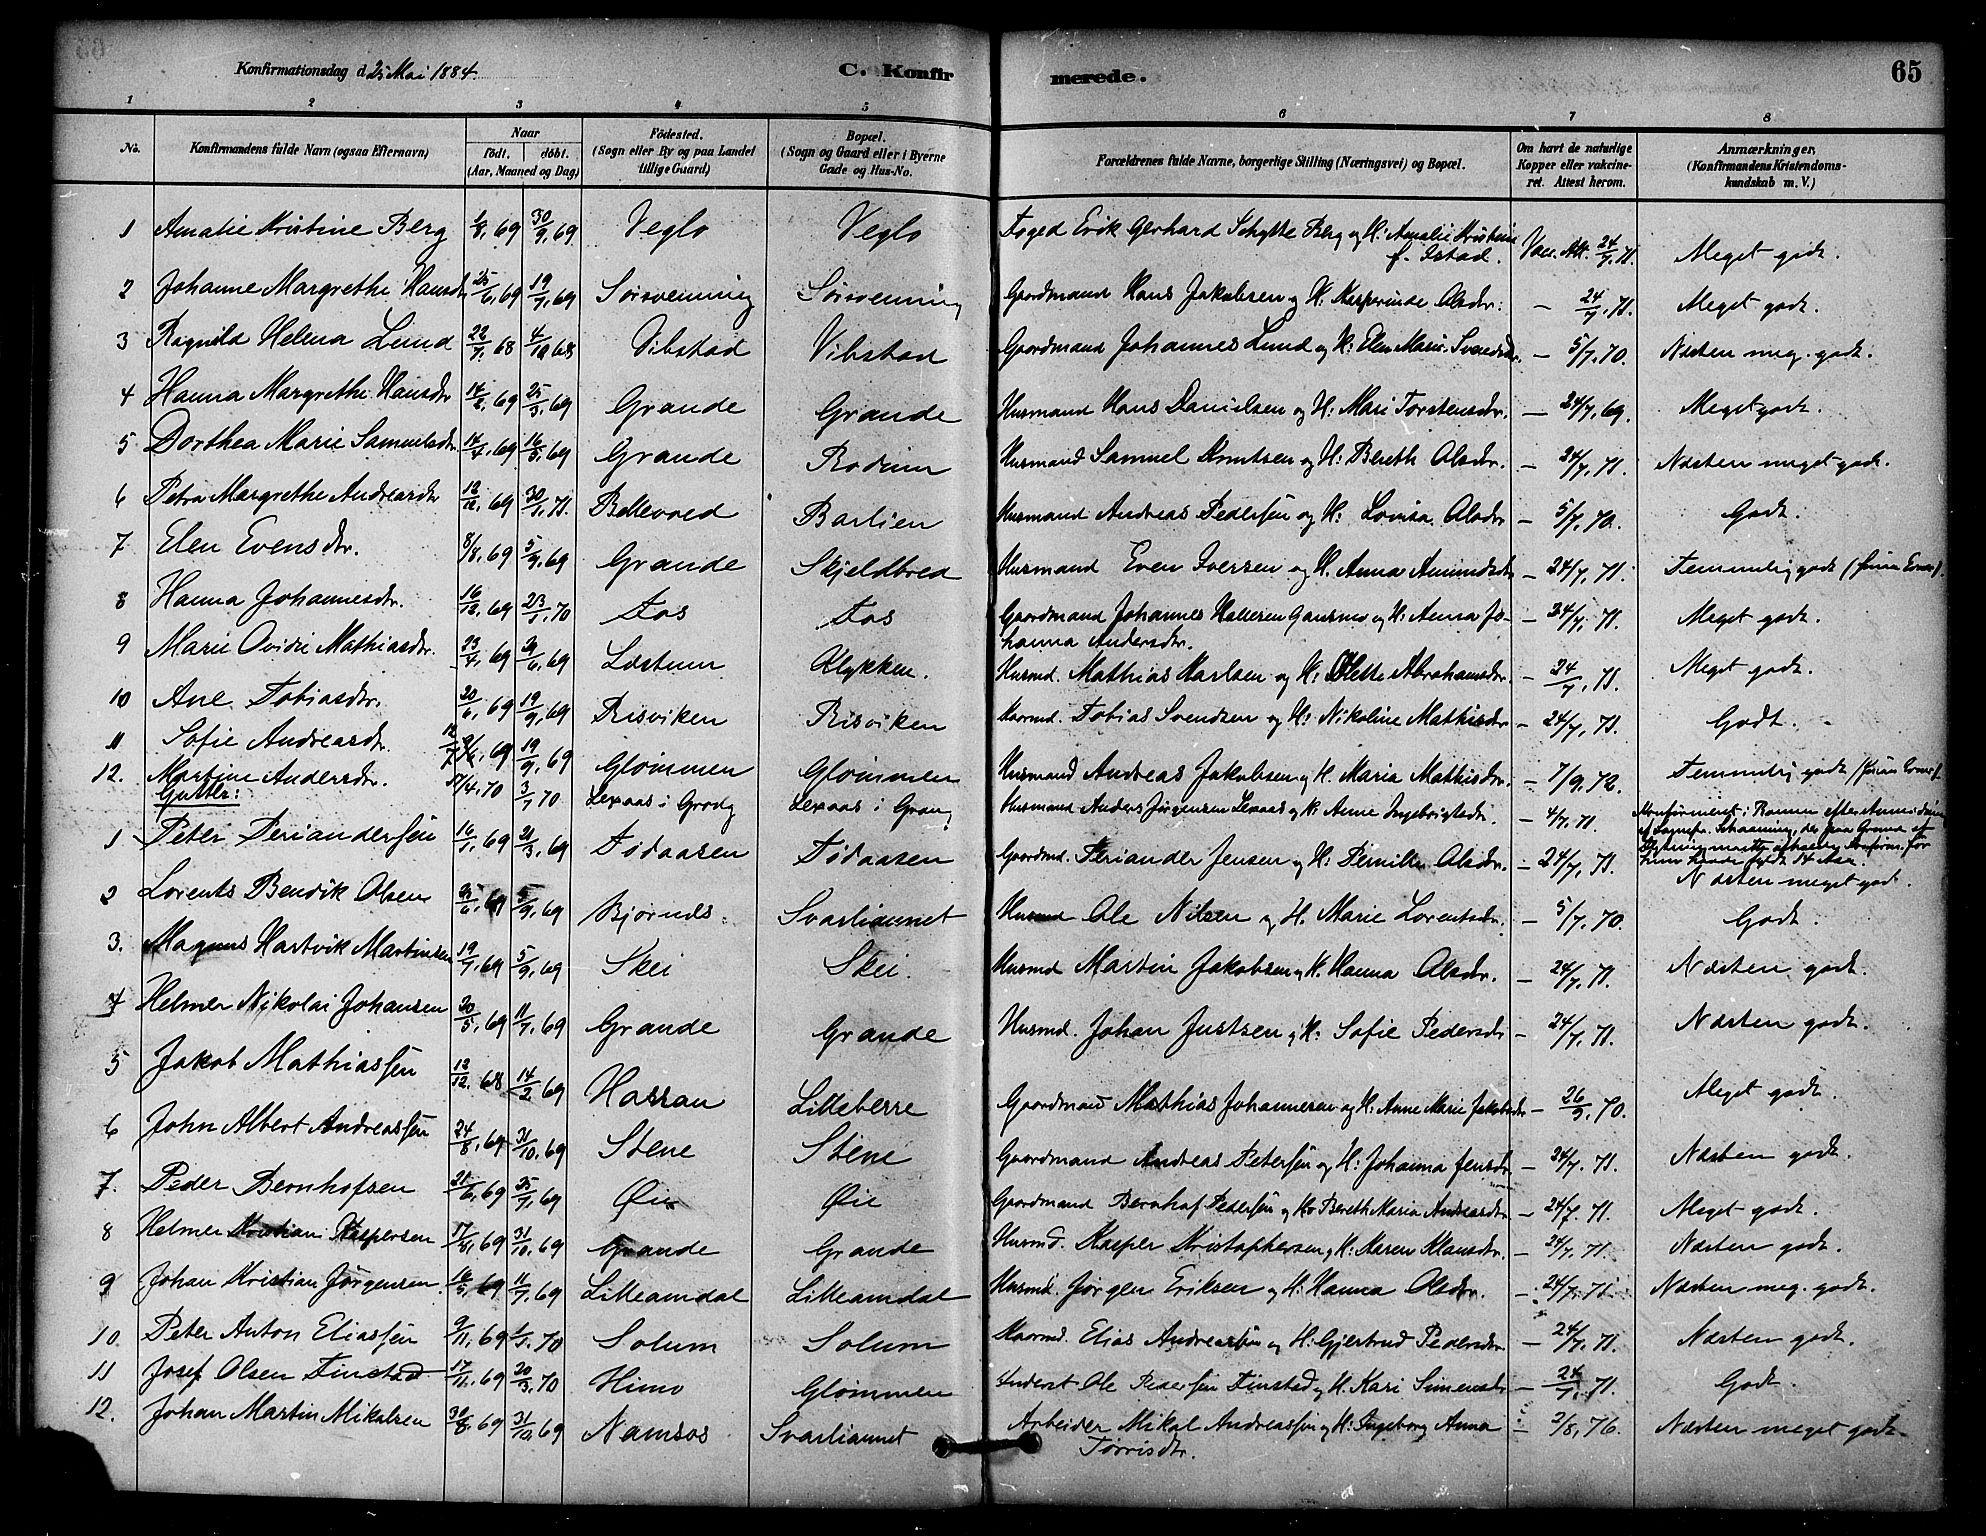 SAT, Ministerialprotokoller, klokkerbøker og fødselsregistre - Nord-Trøndelag, 764/L0555: Ministerialbok nr. 764A10, 1881-1896, s. 65